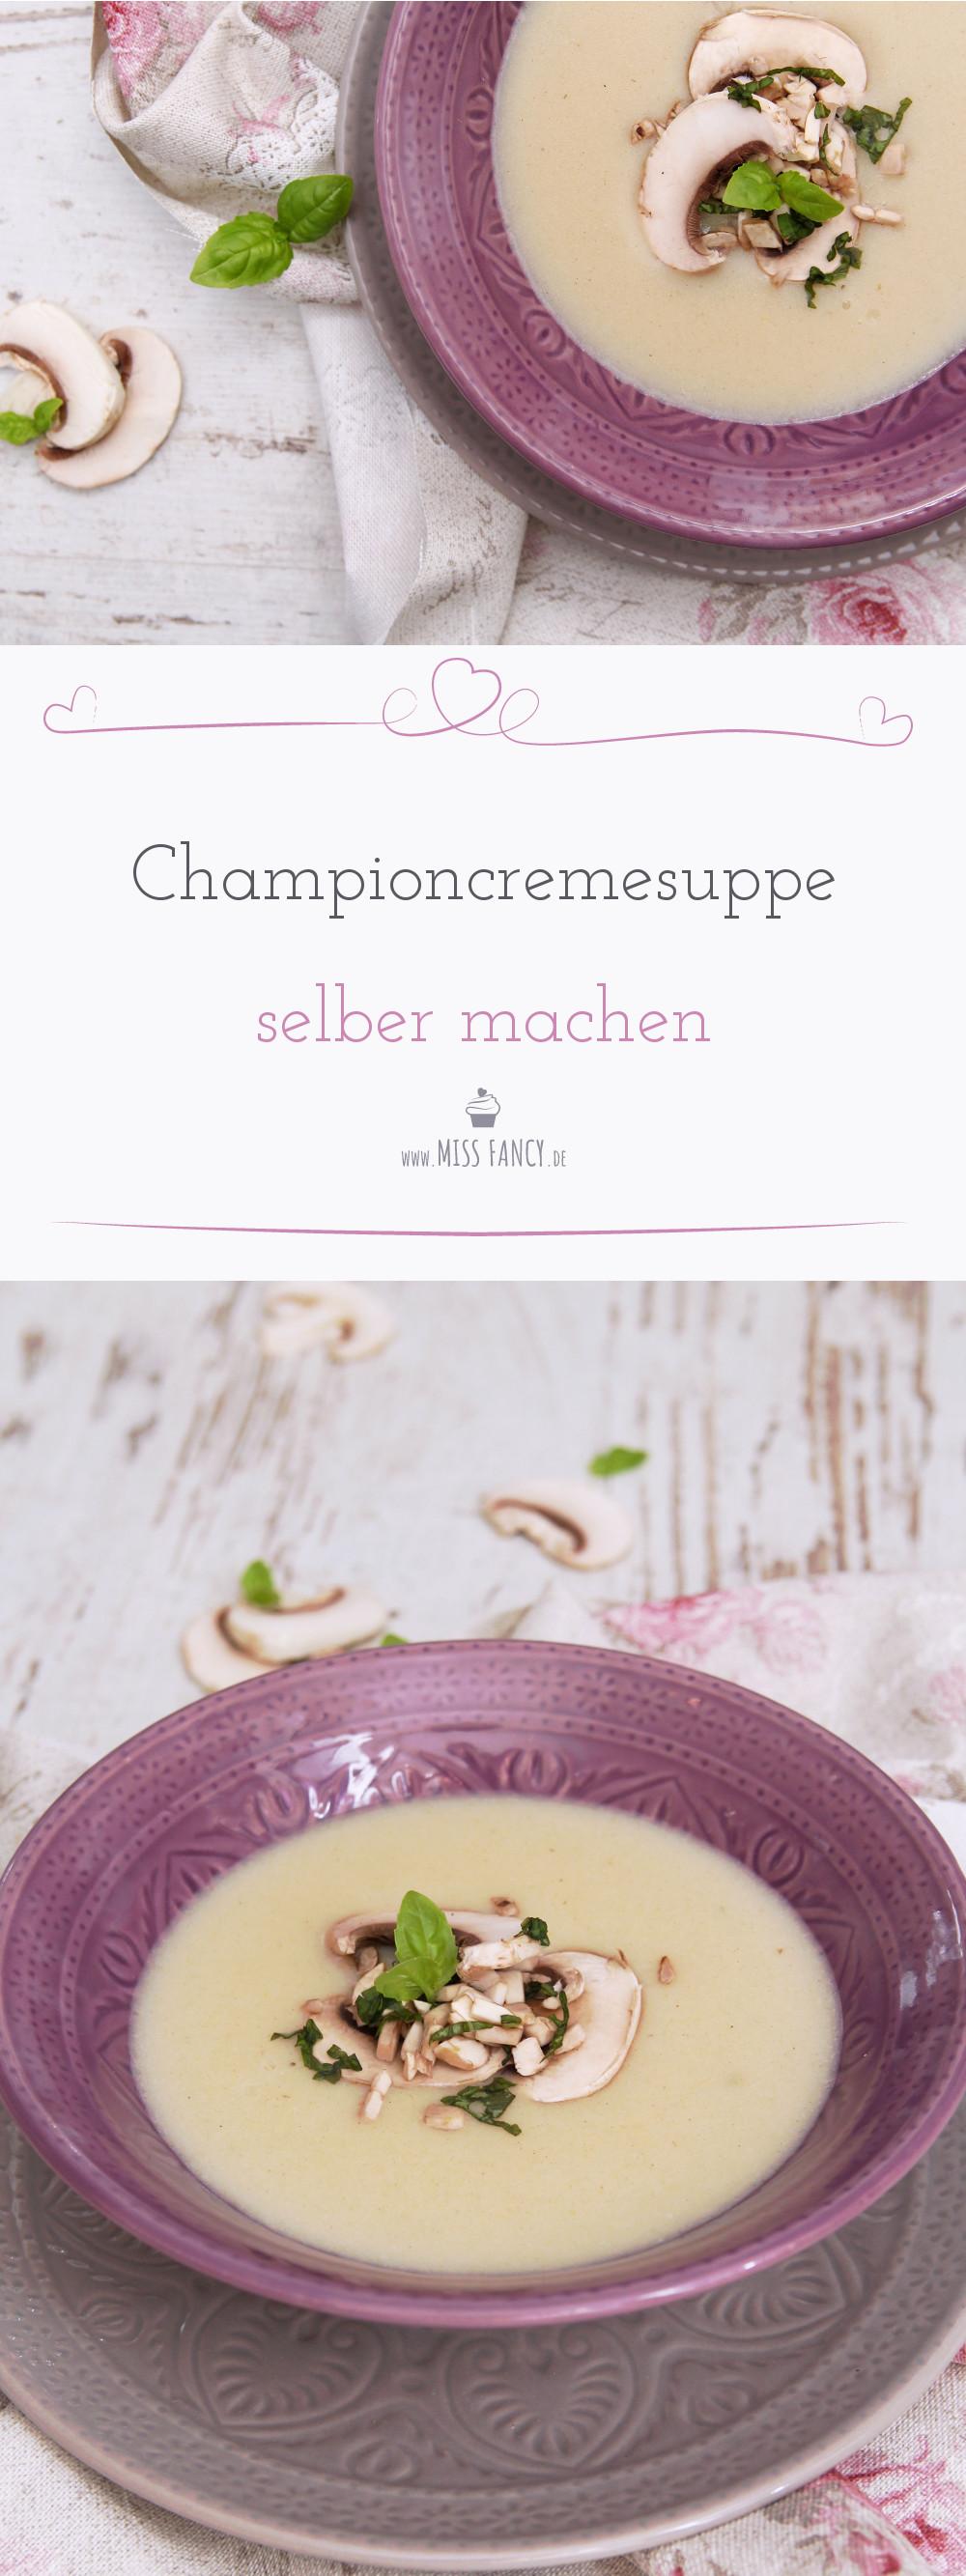 rezept championcremesuppe selber machen missfancy foodblog